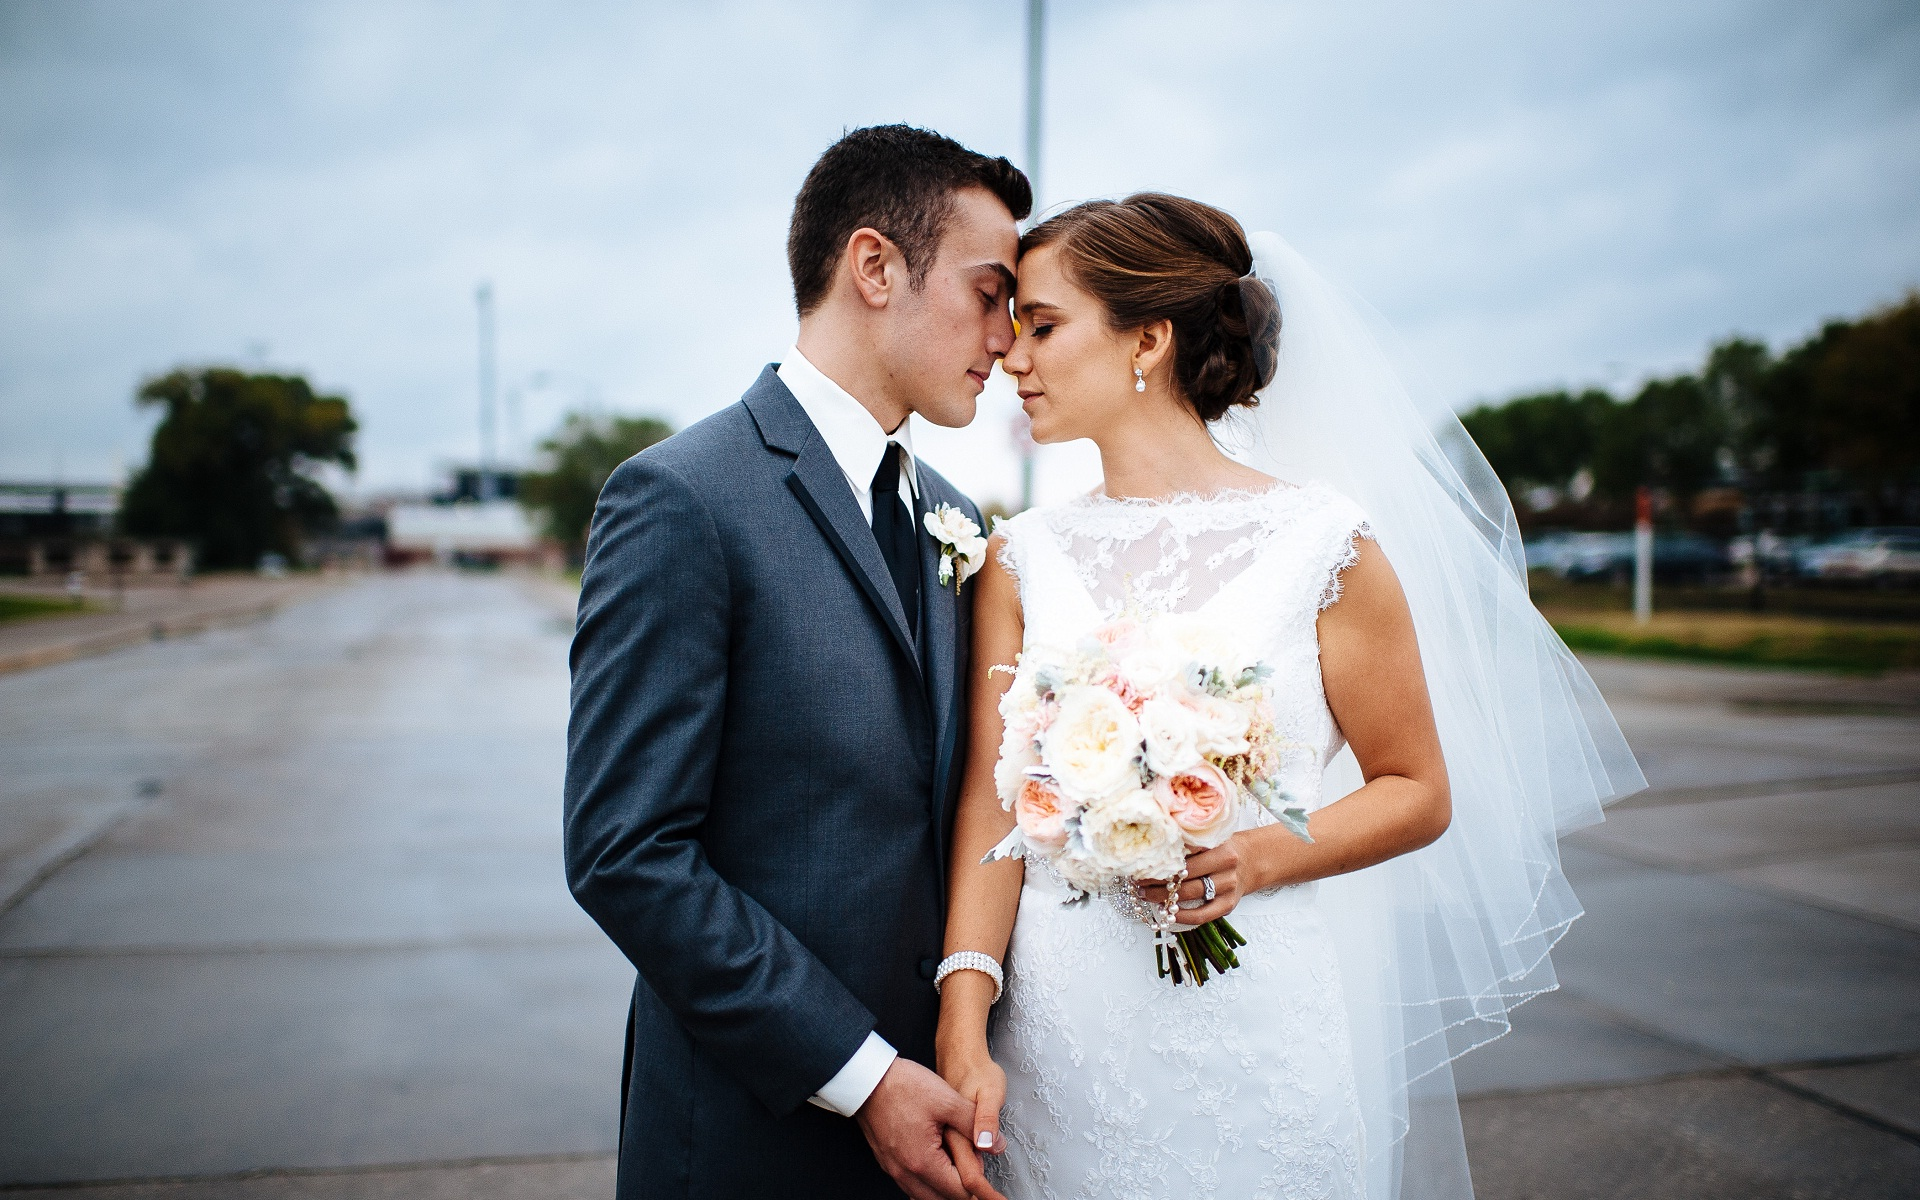 картинки он и она в свадебном платье компенсируется смелость